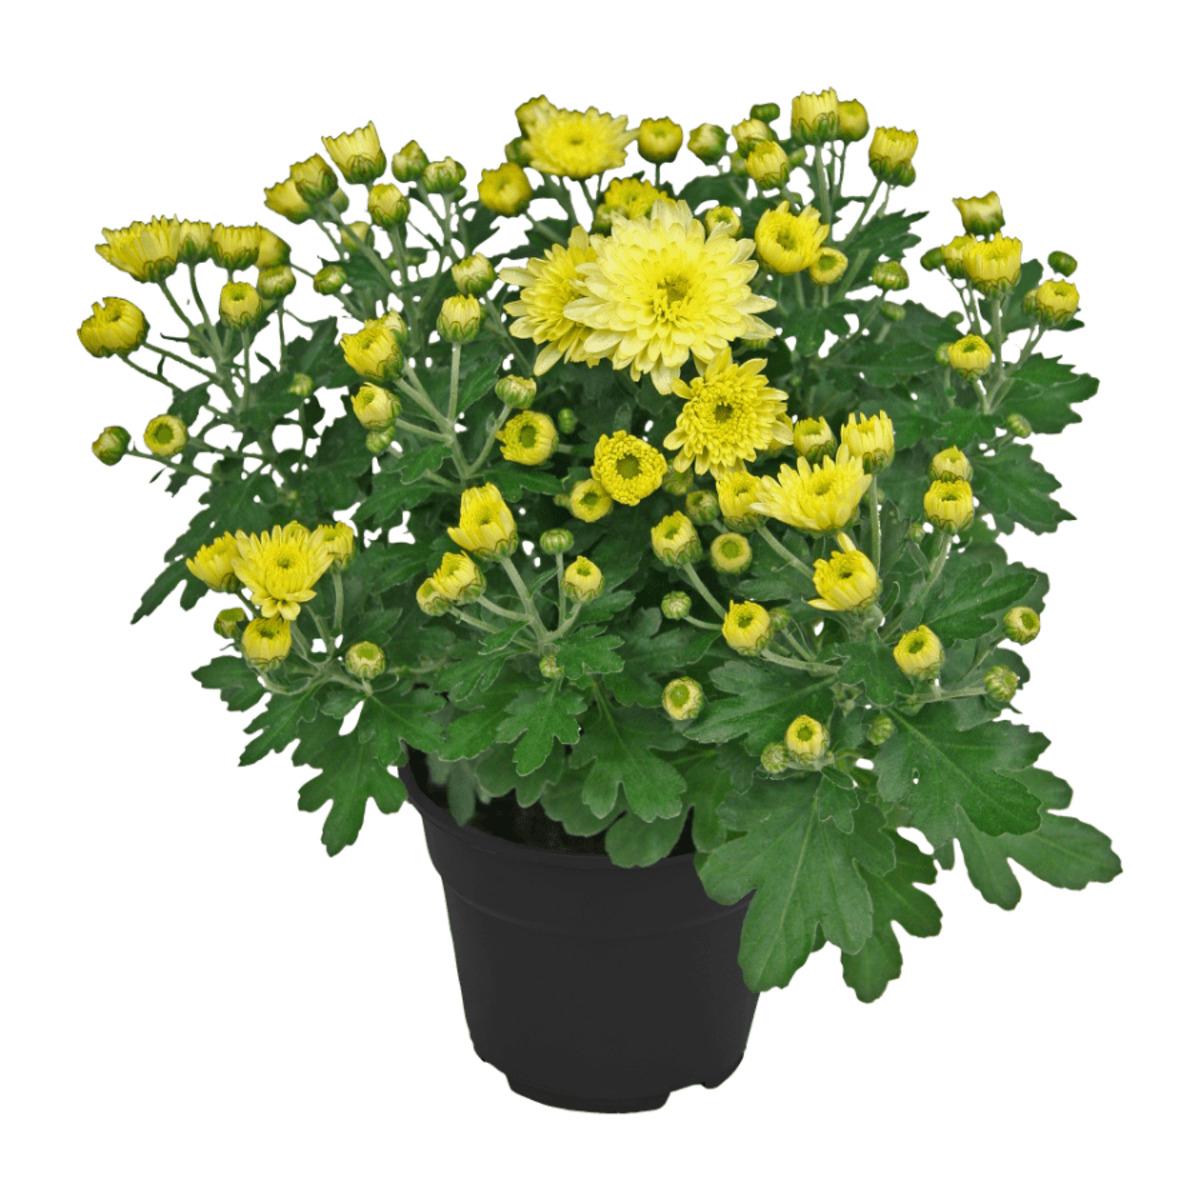 Bild 4 von GARDEN FEELINGS     Chrysantheme